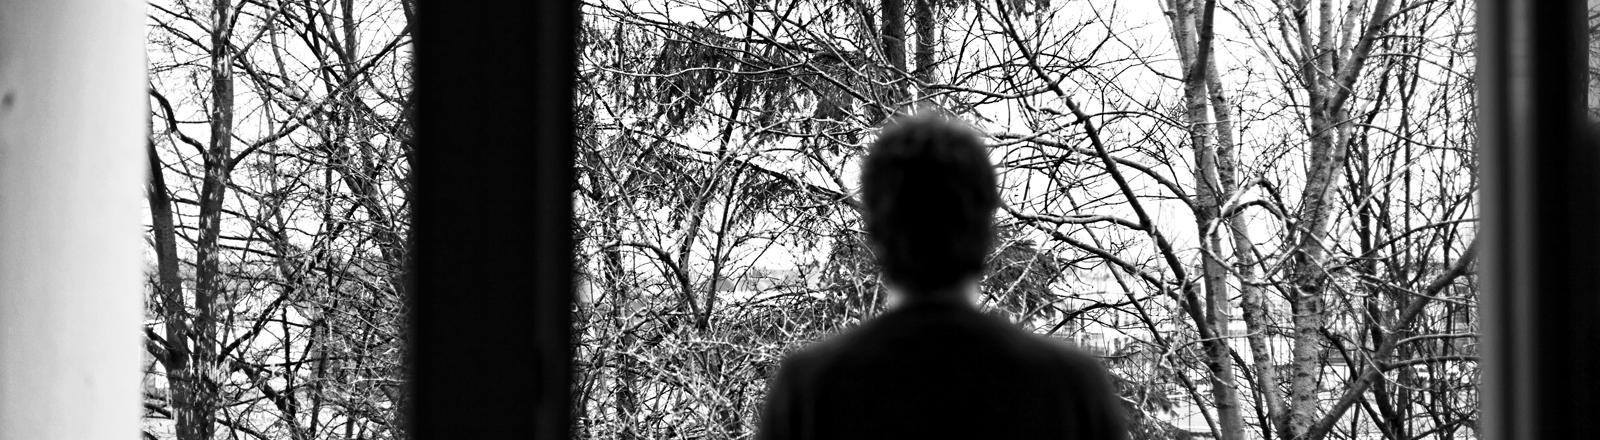 Mann steht vor einem Fenster und sieht nach draußen